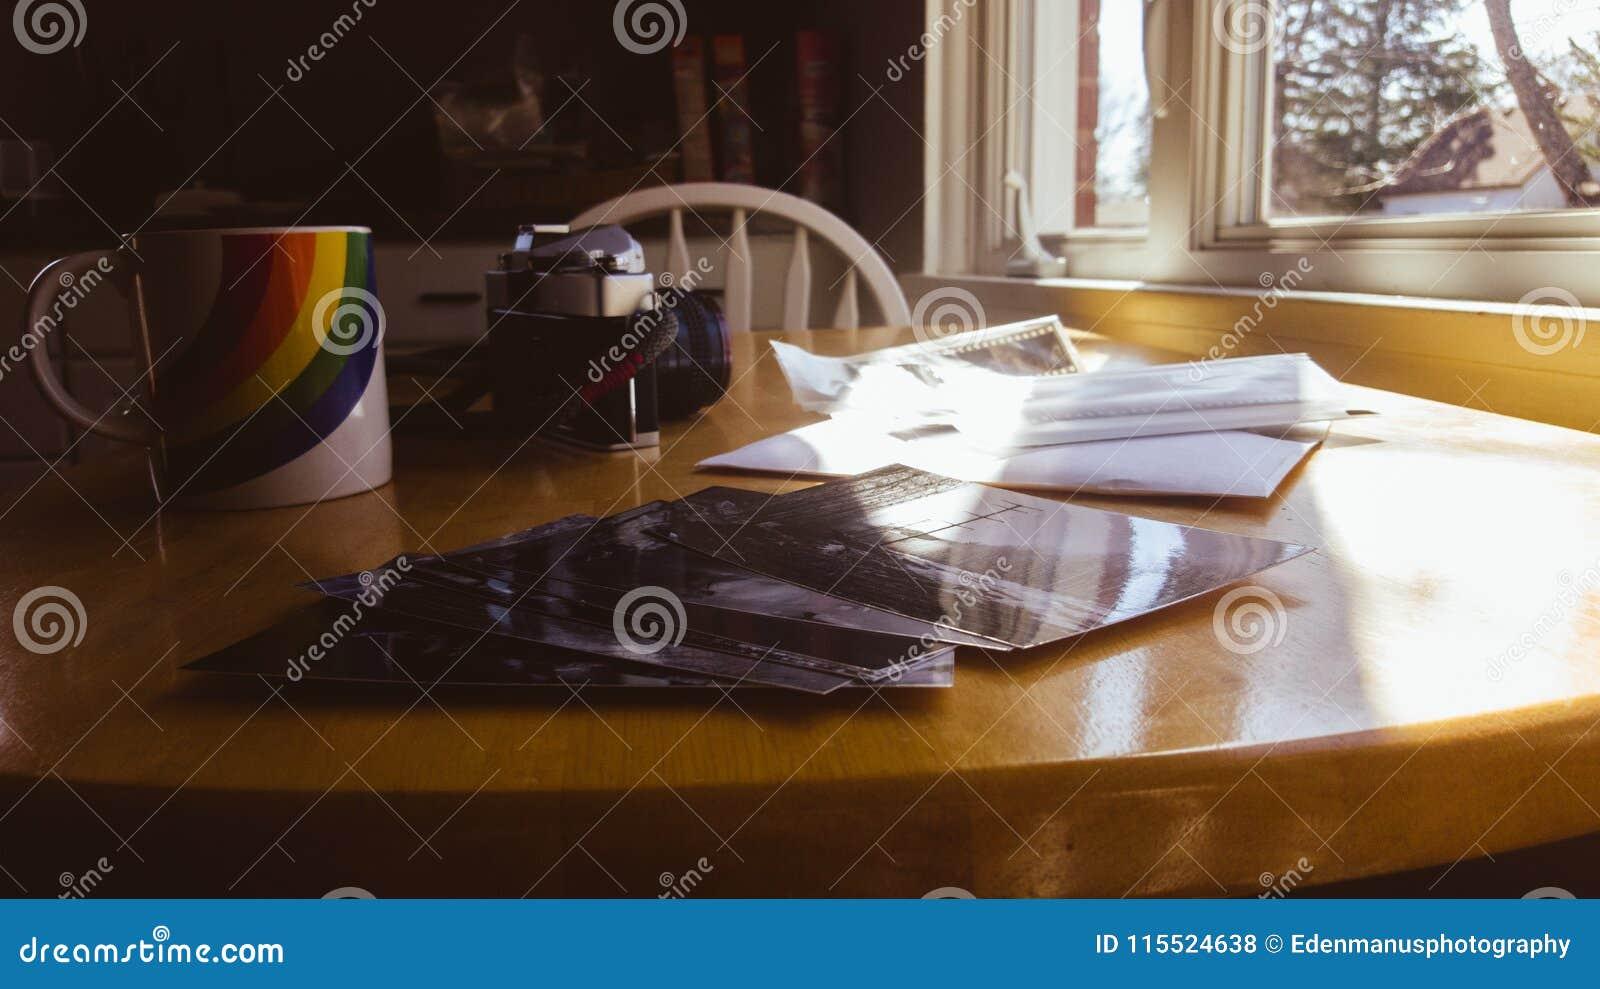 Stampe Da Cucina : Quadro moderno arredo cucina stampa su tela pronto da appendere hd